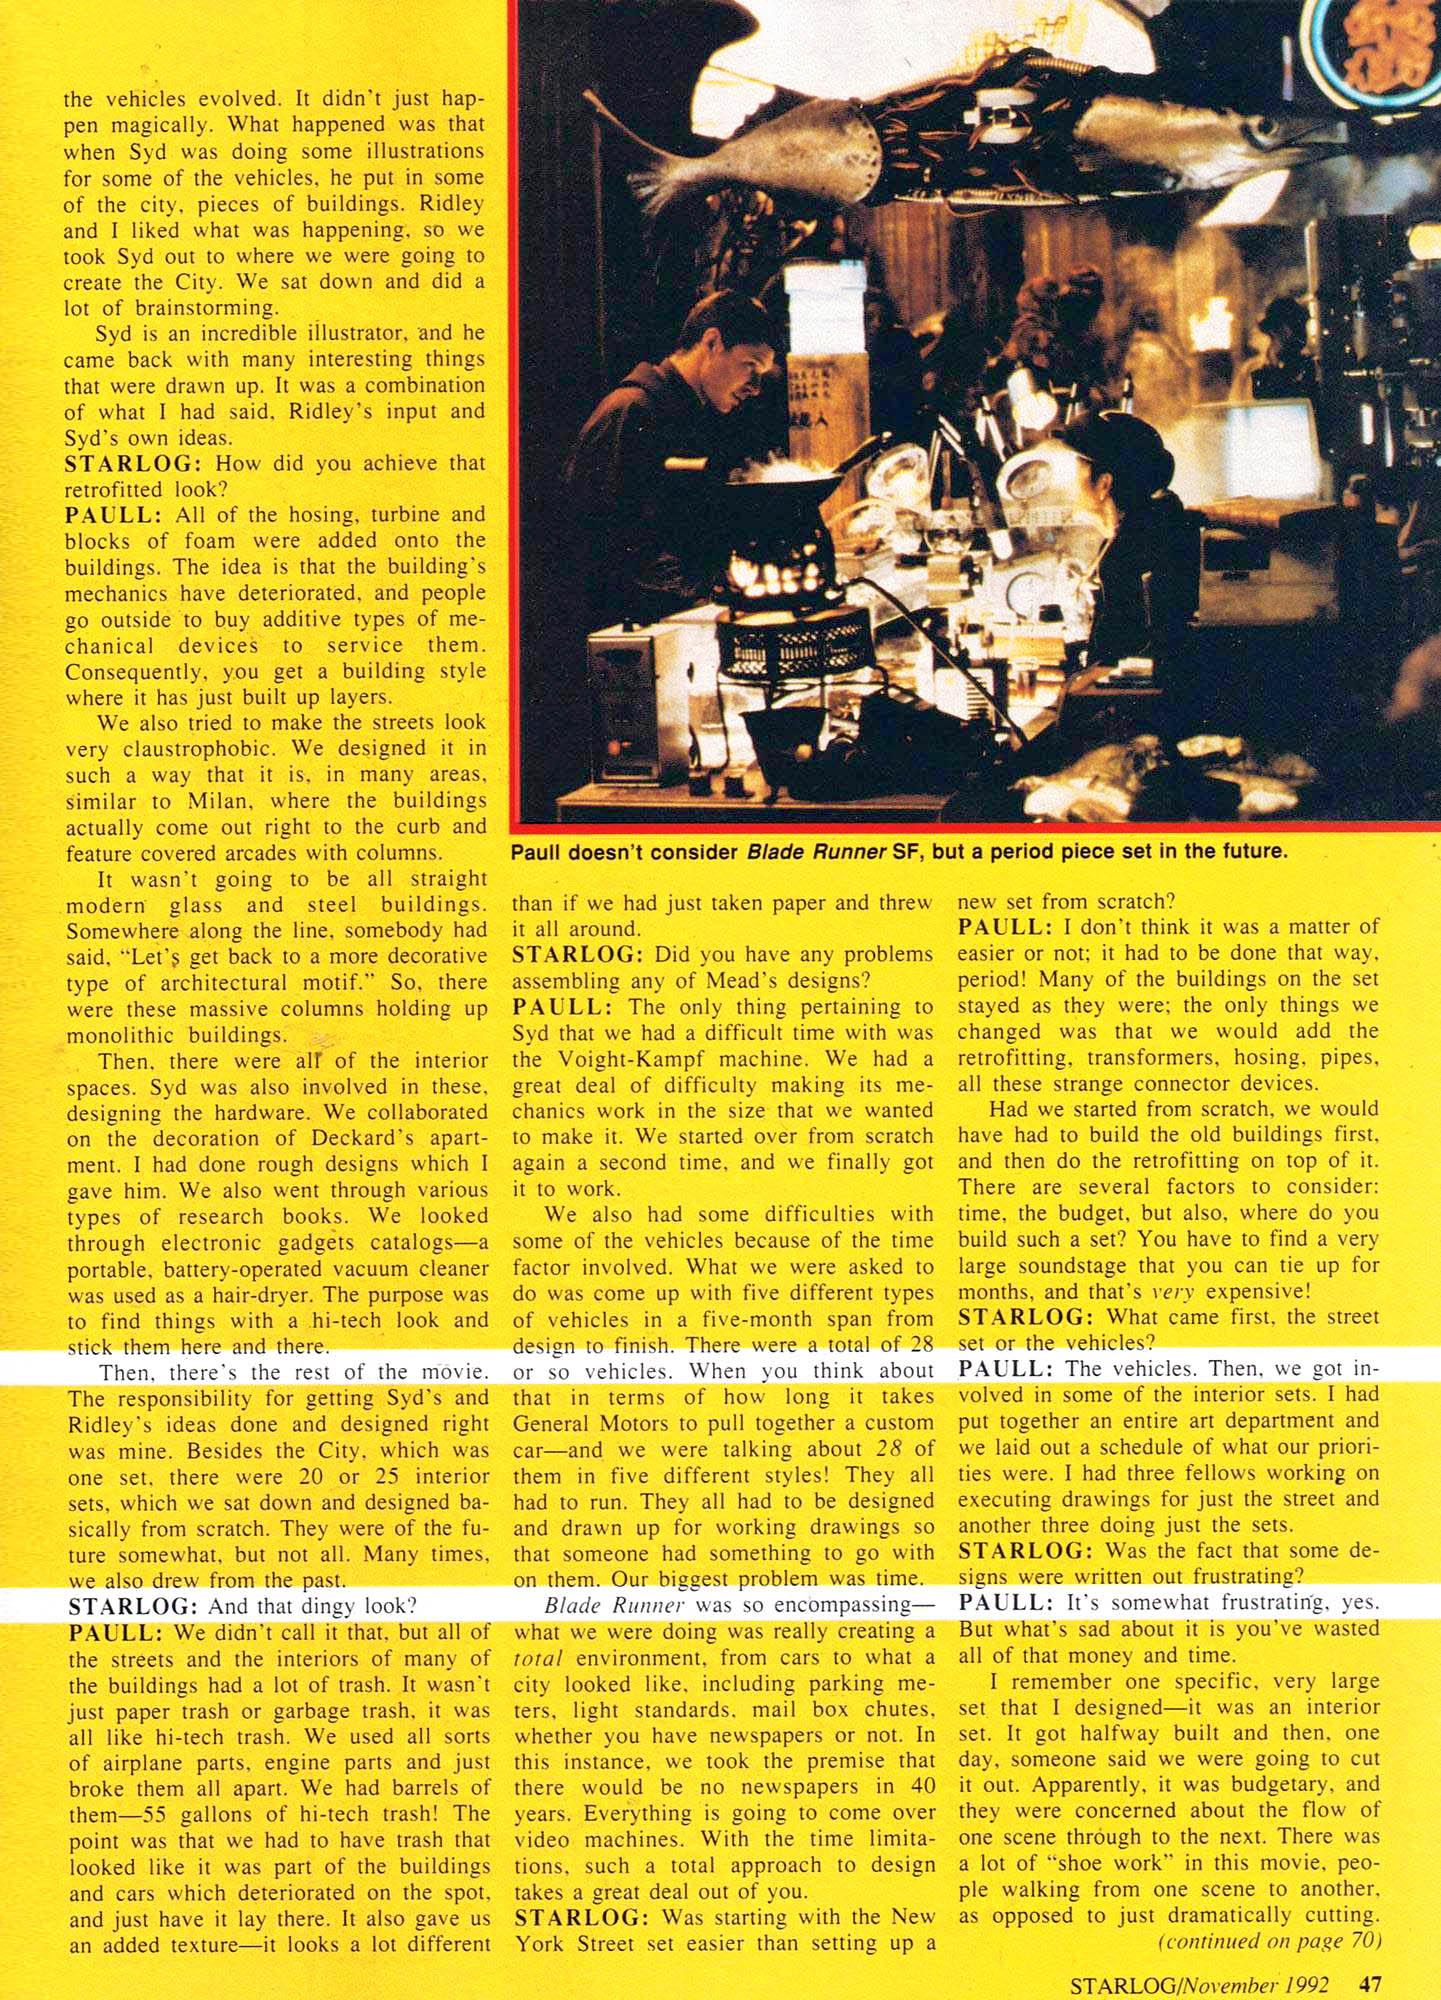 Starlog 184 1992 11 BRunner 15.jpg